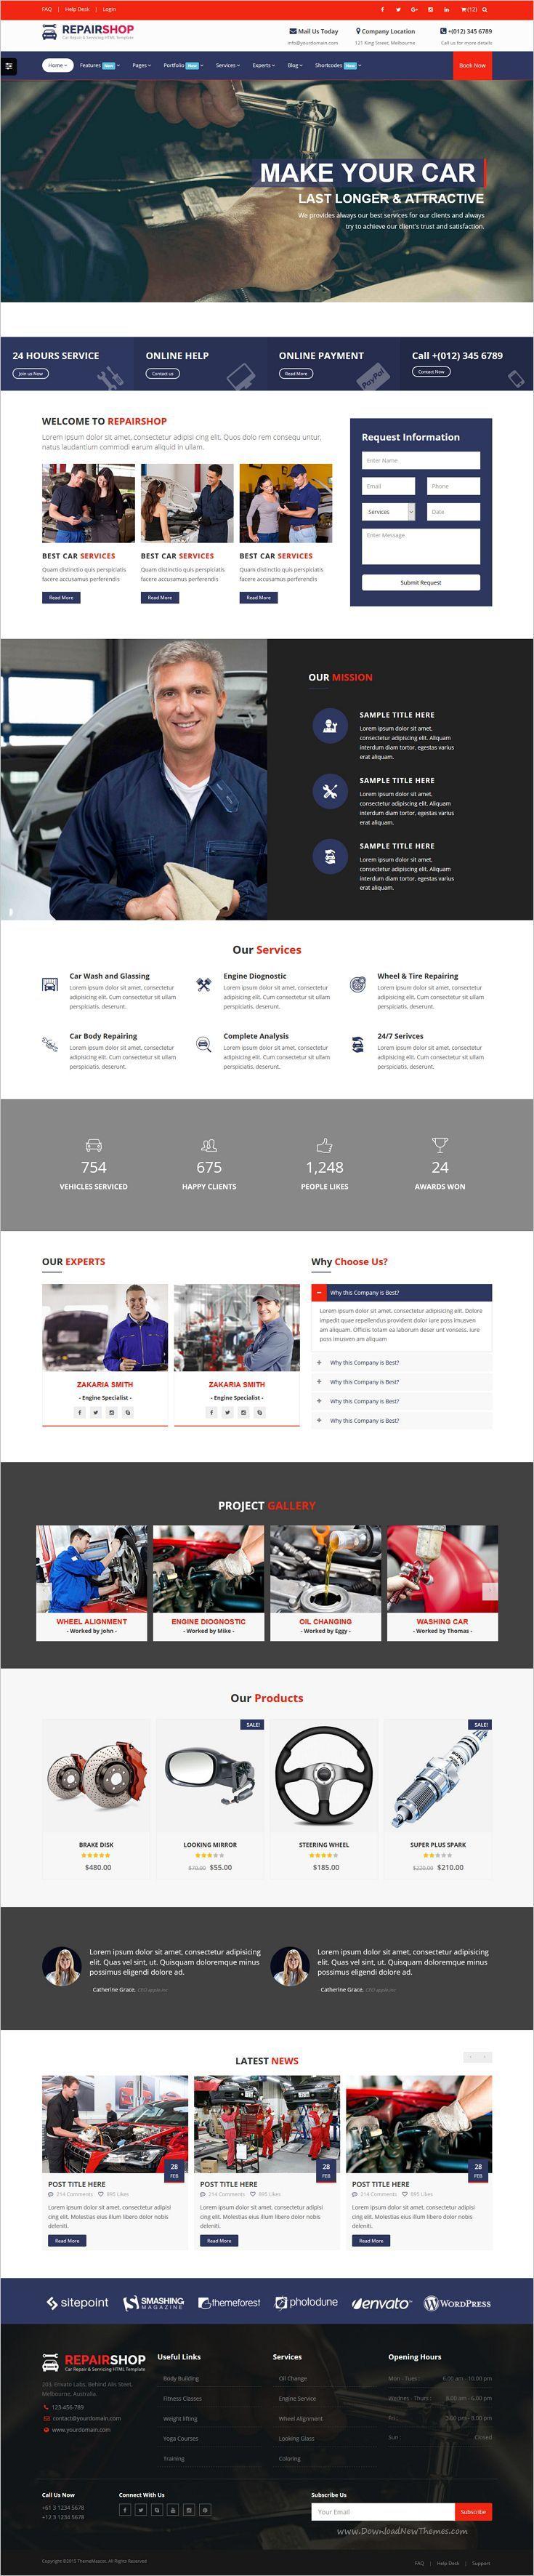 Repairshop car repair car wash responsive html5 template